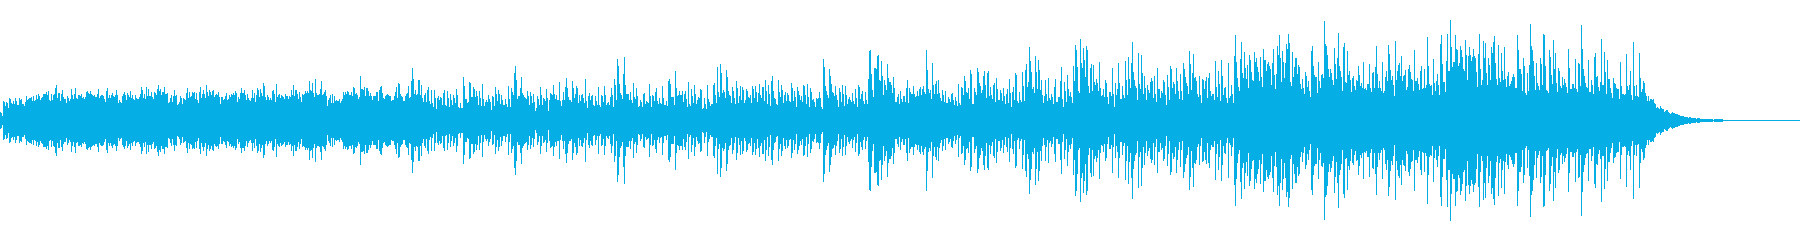 ショートBGM、シタールの再生済みの波形